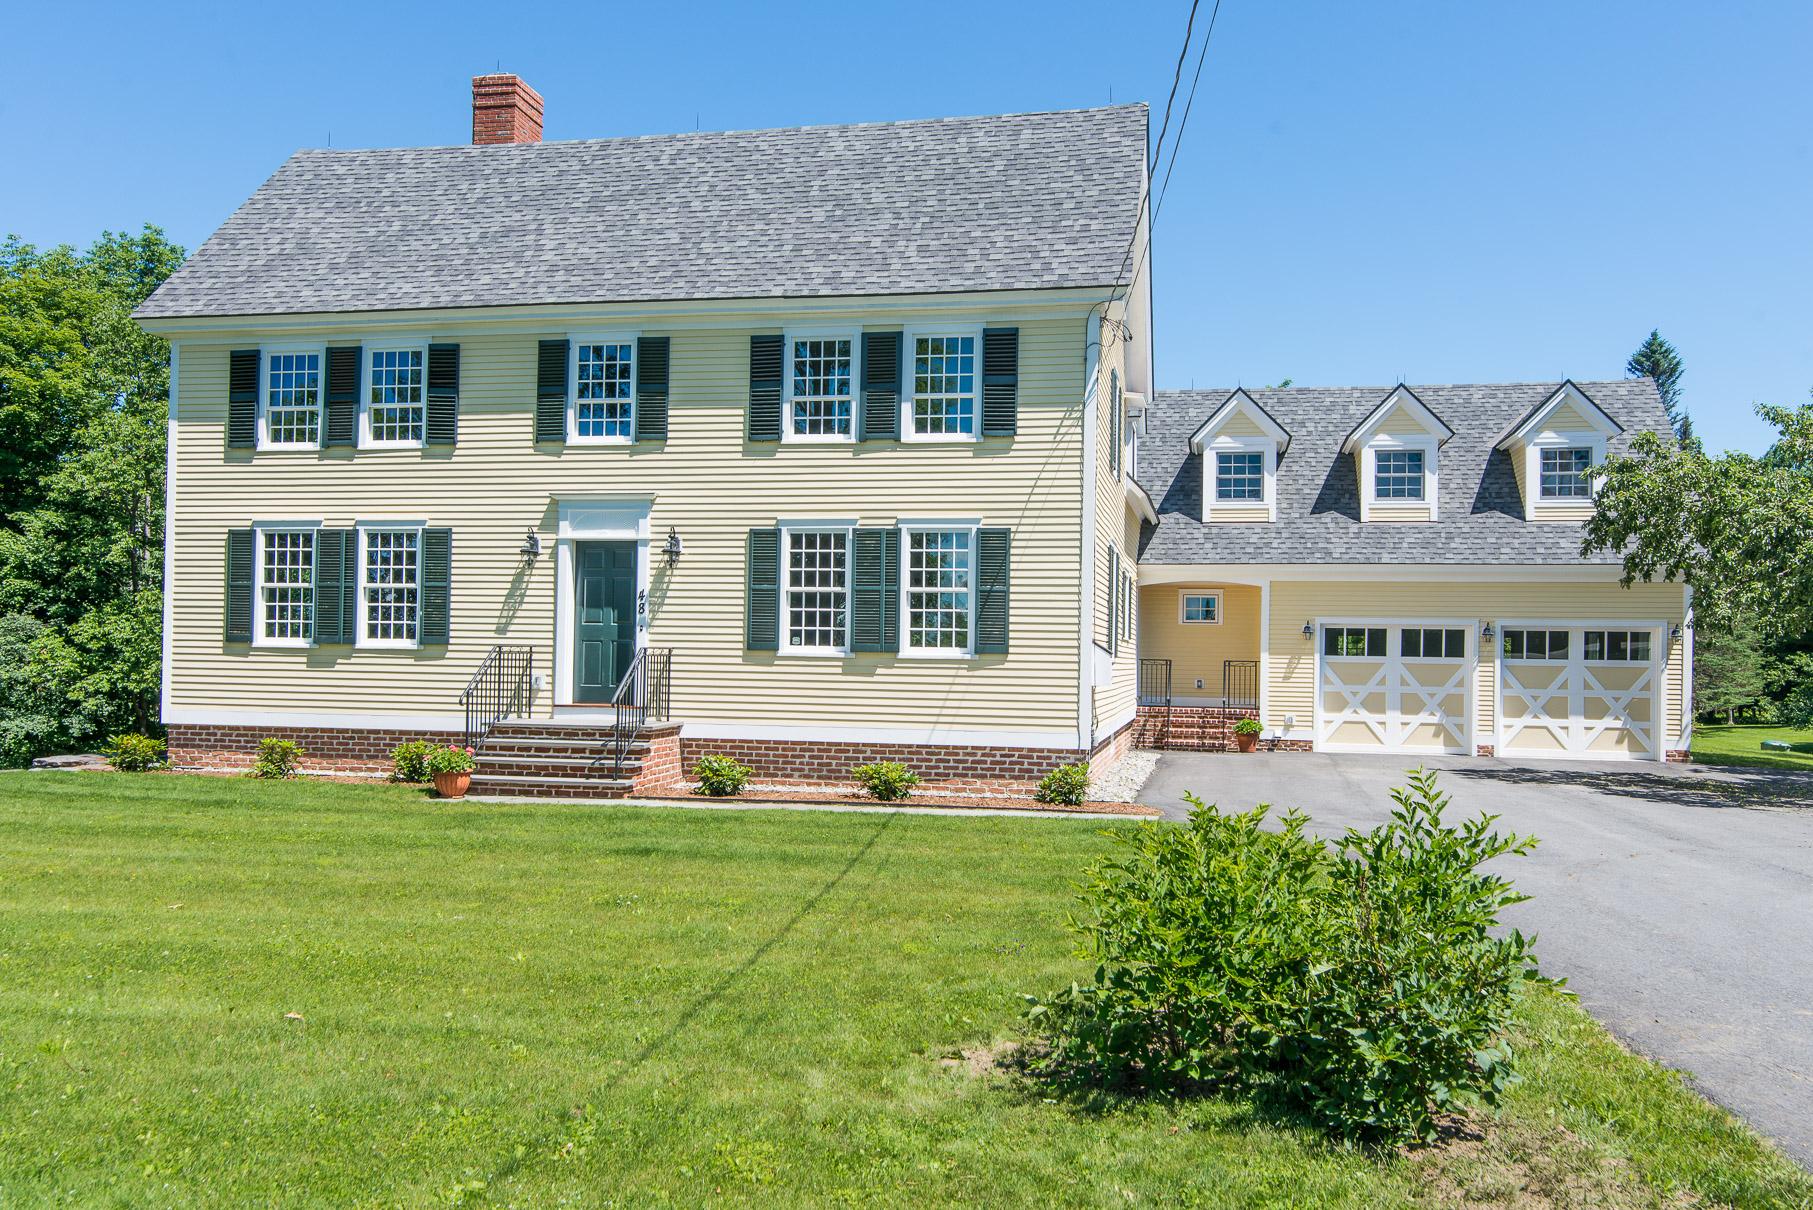 独户住宅 为 销售 在 48 King Road, Hanover 48 King Rd Hanover, 新罕布什尔州 03755 美国